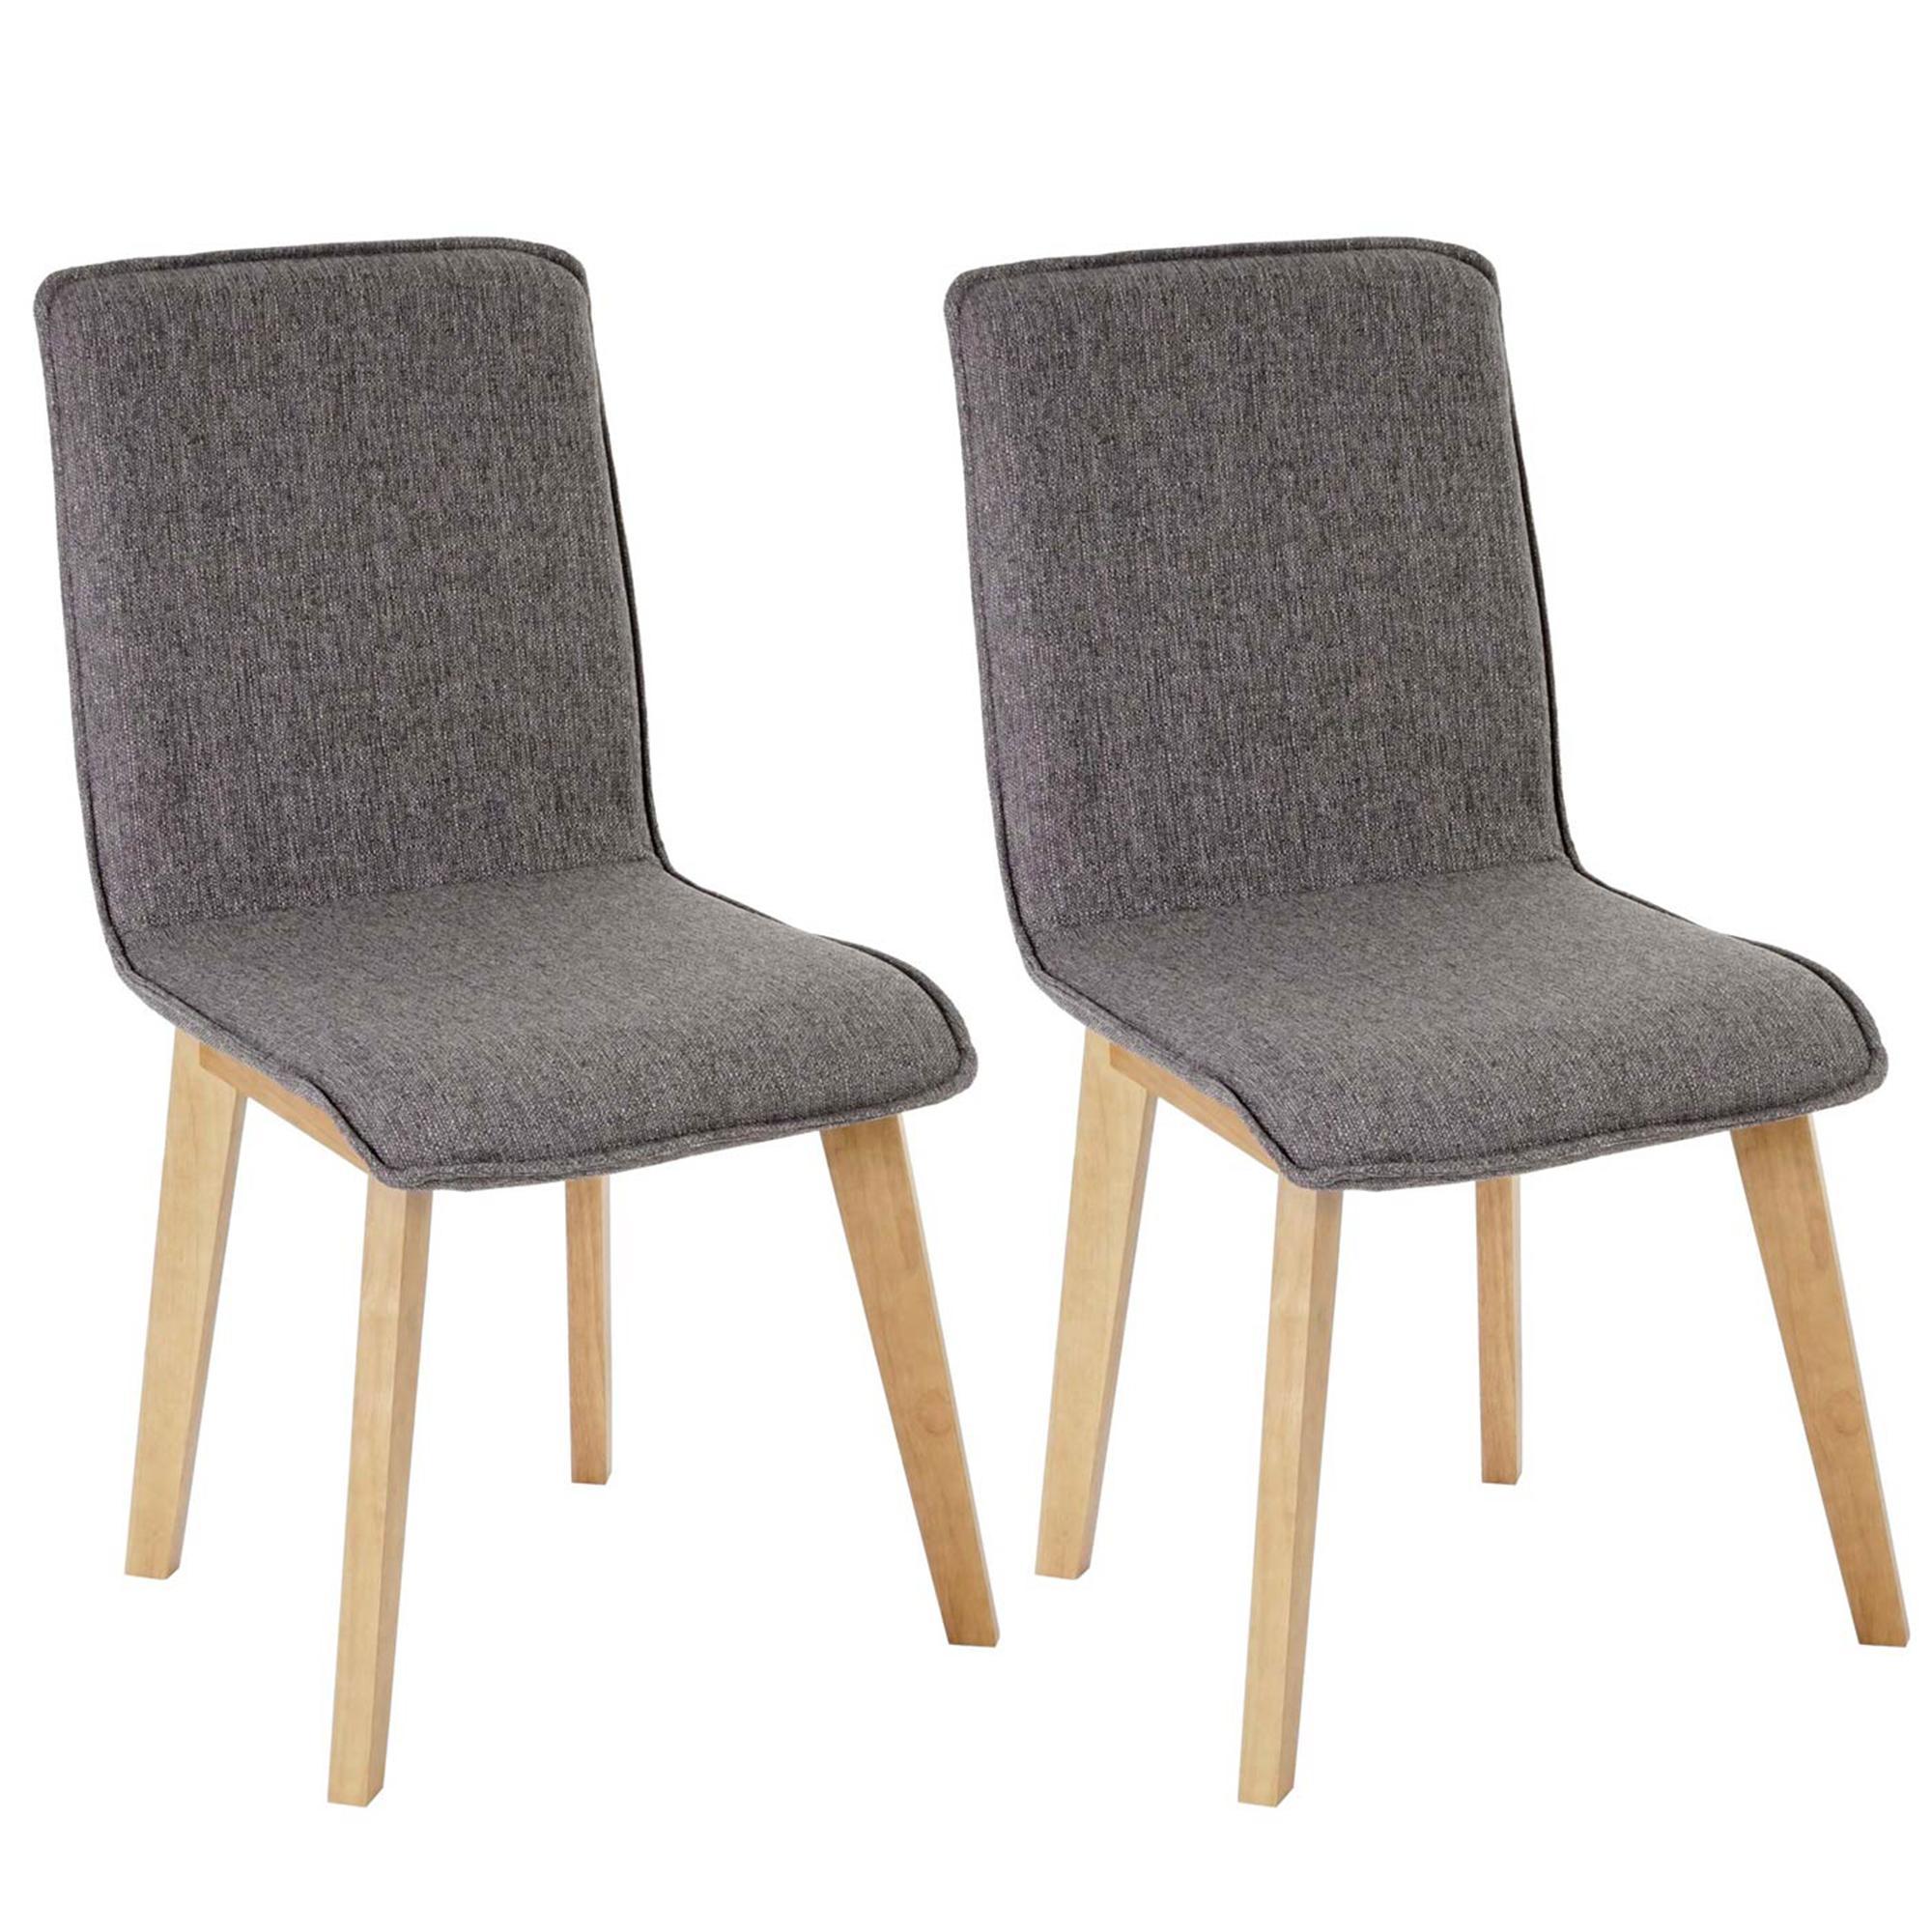 Lote 2 sillas de cocina o comedor ford en tela gris - Sillas de cocina madera ...